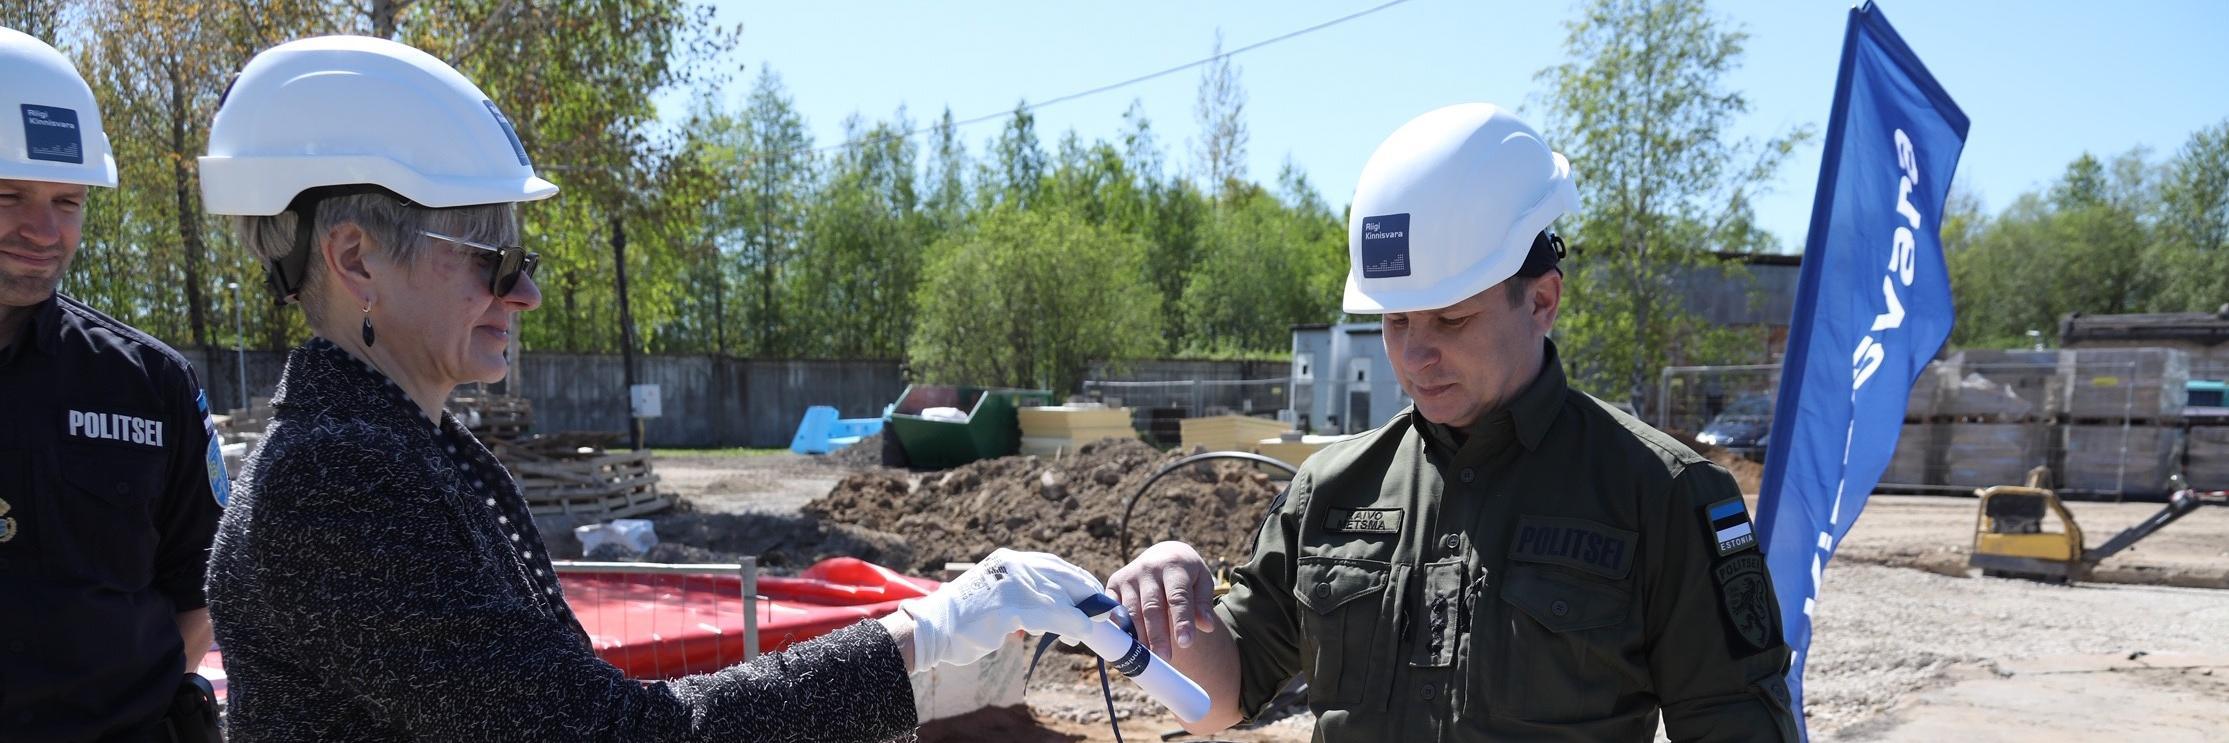 Narva kordoni teenistuskoerte hoone ja harjutusväljak